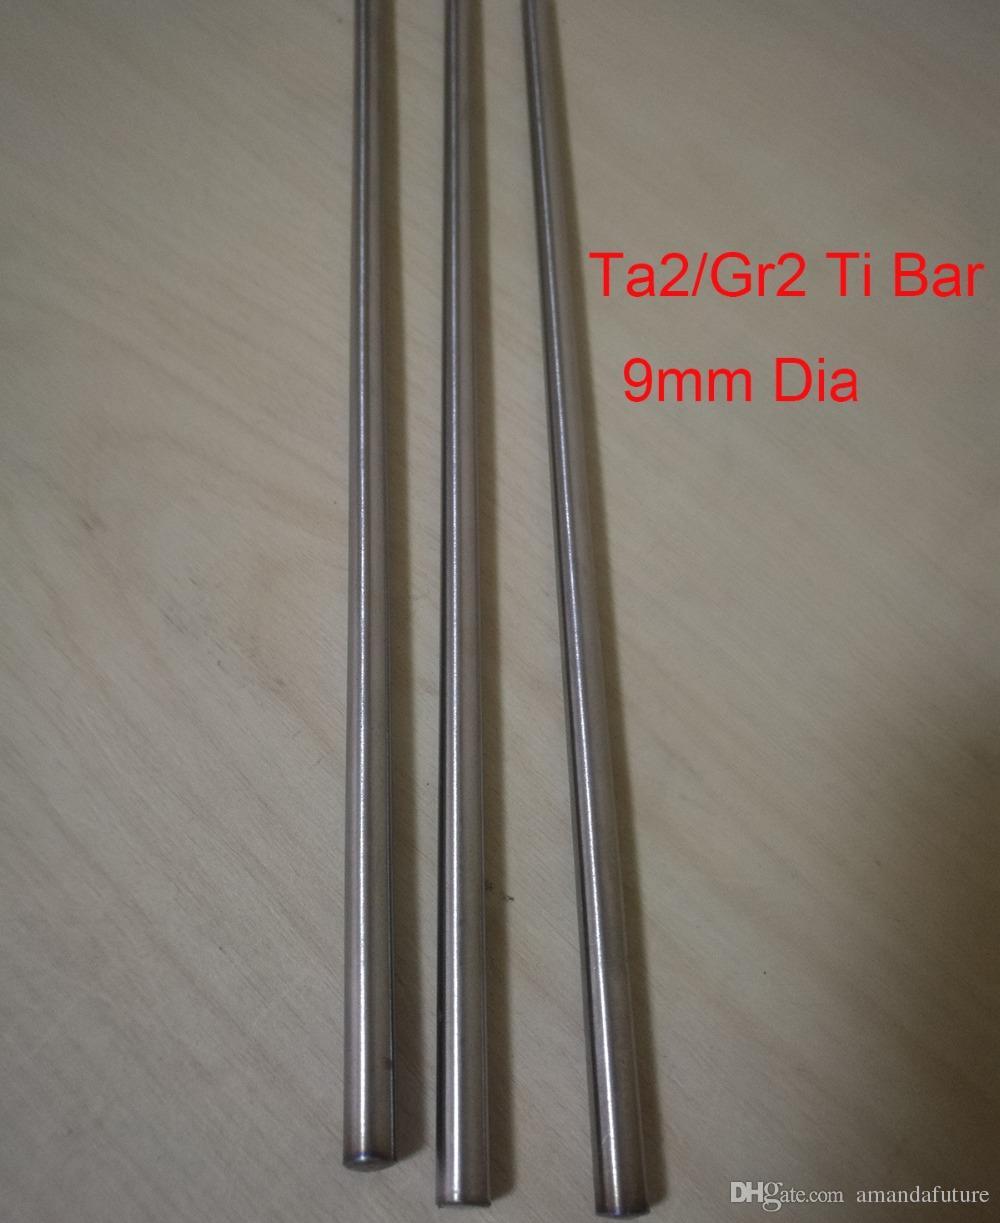 9mm Dia Ta2 Titanium Bars Industry DIY GR2 Ti Rod,about 300 mm/pc,3pcs/lot